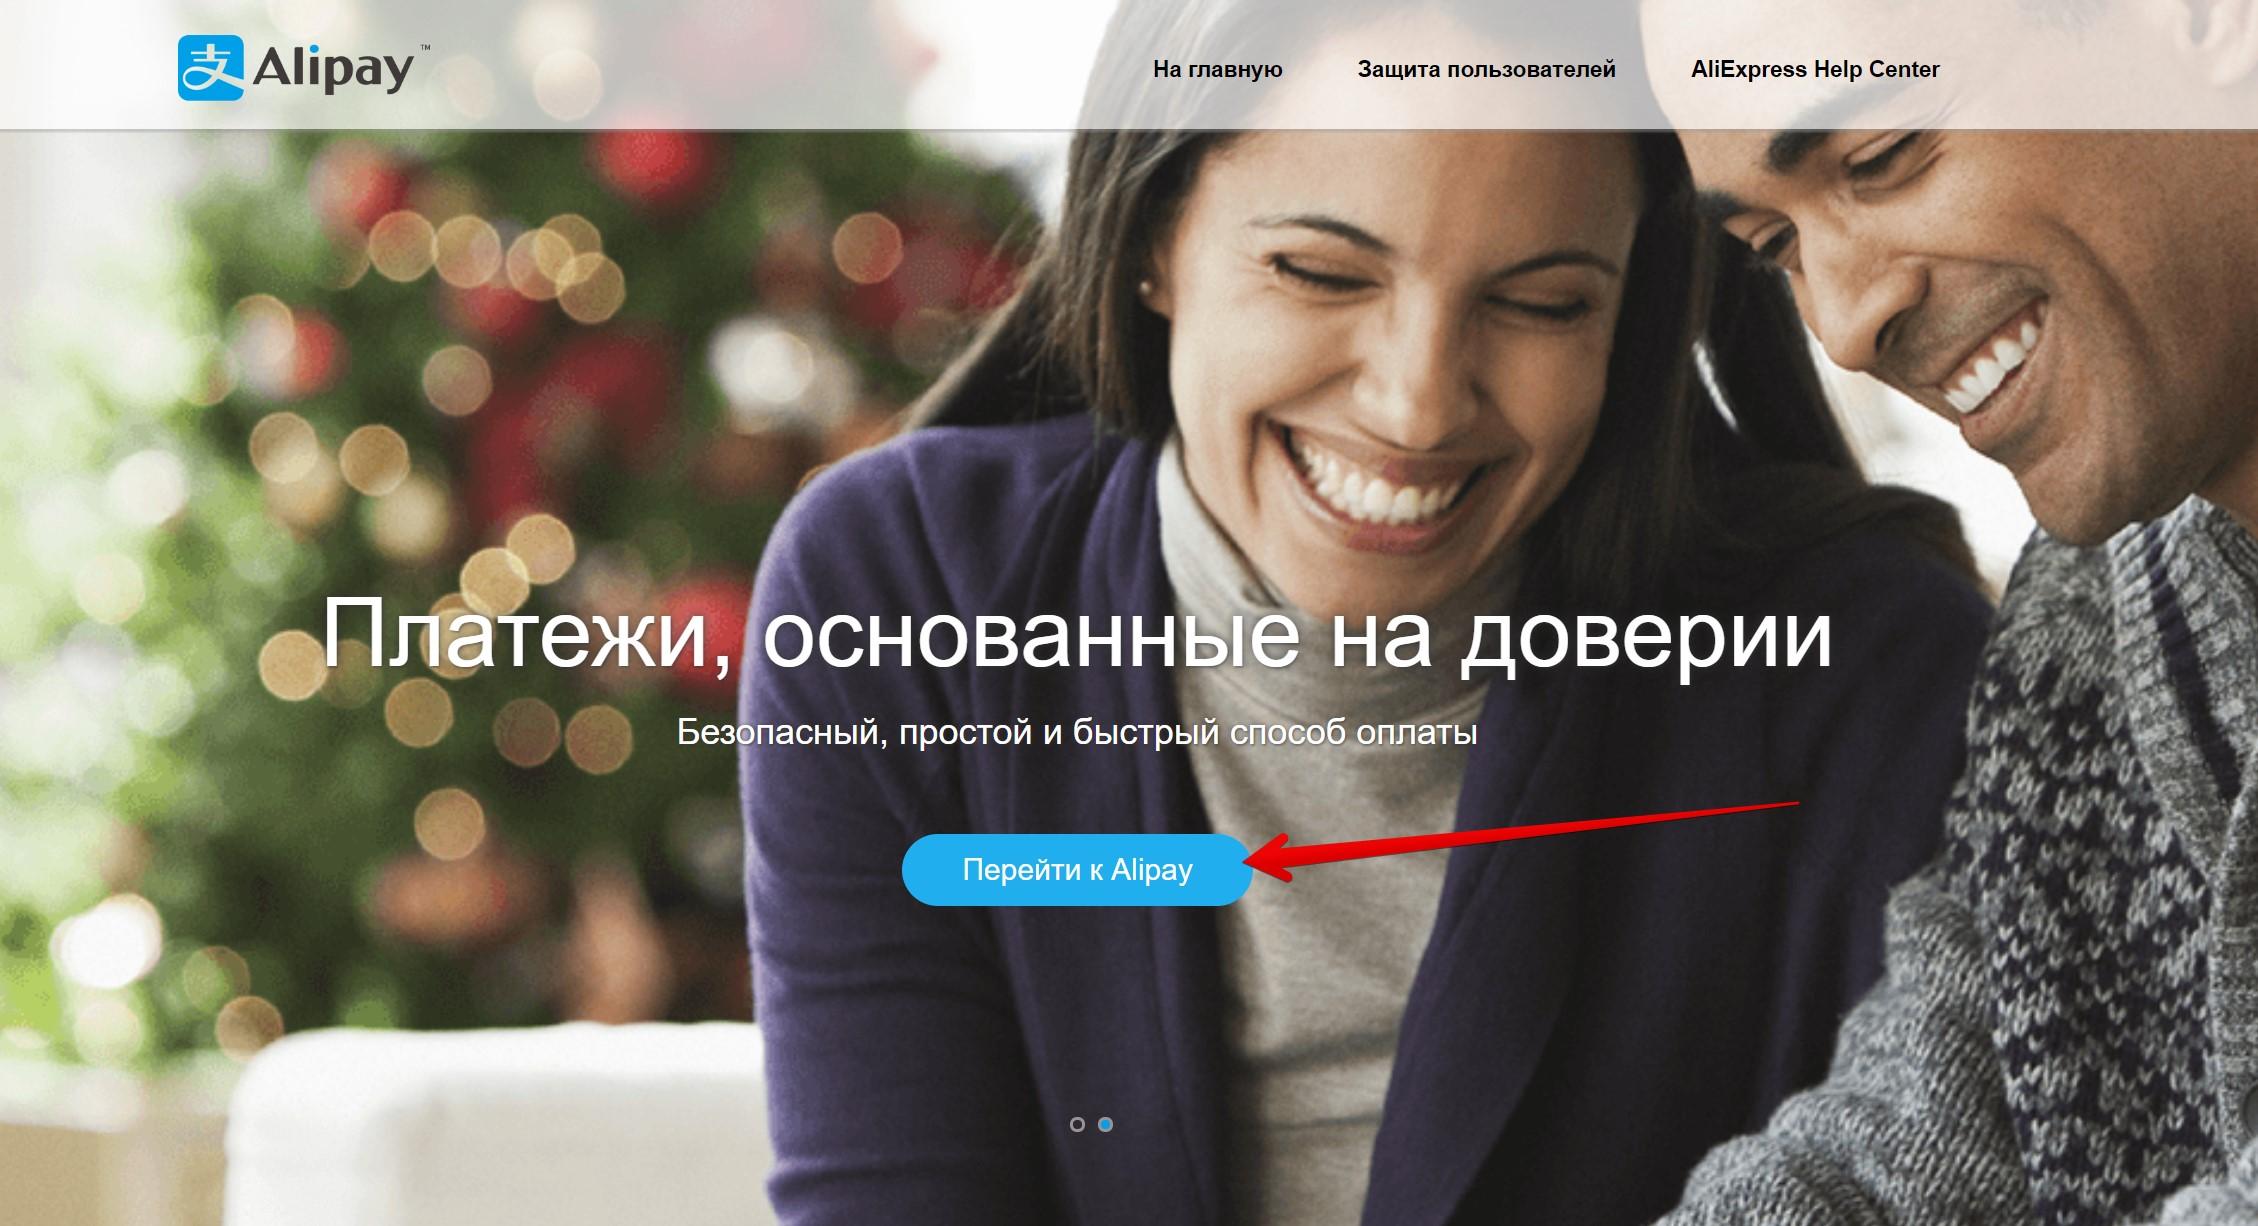 Алипэй вход в личный кабинет на русском языке